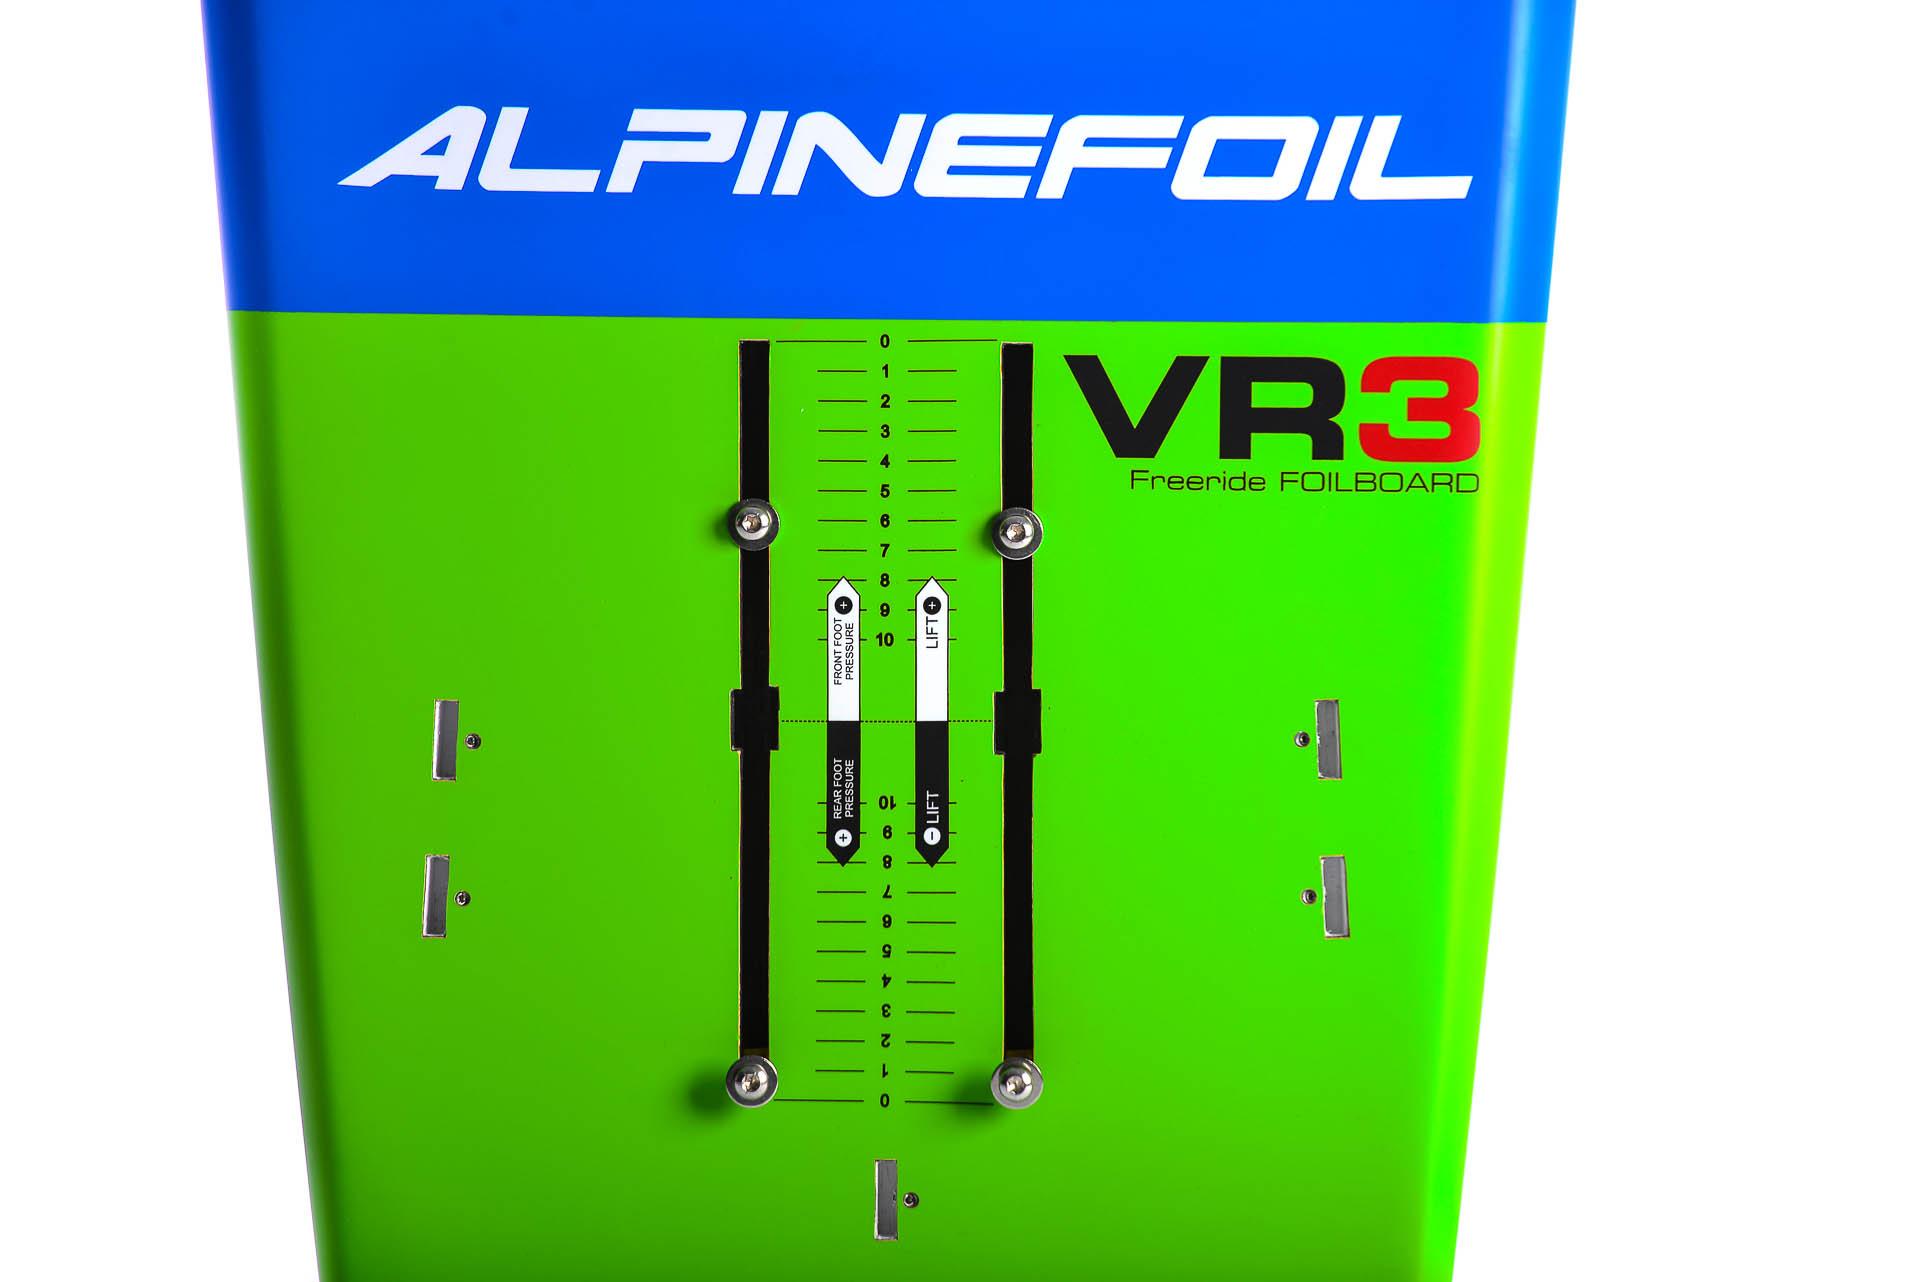 Kitefoil board alpinefoil 9216